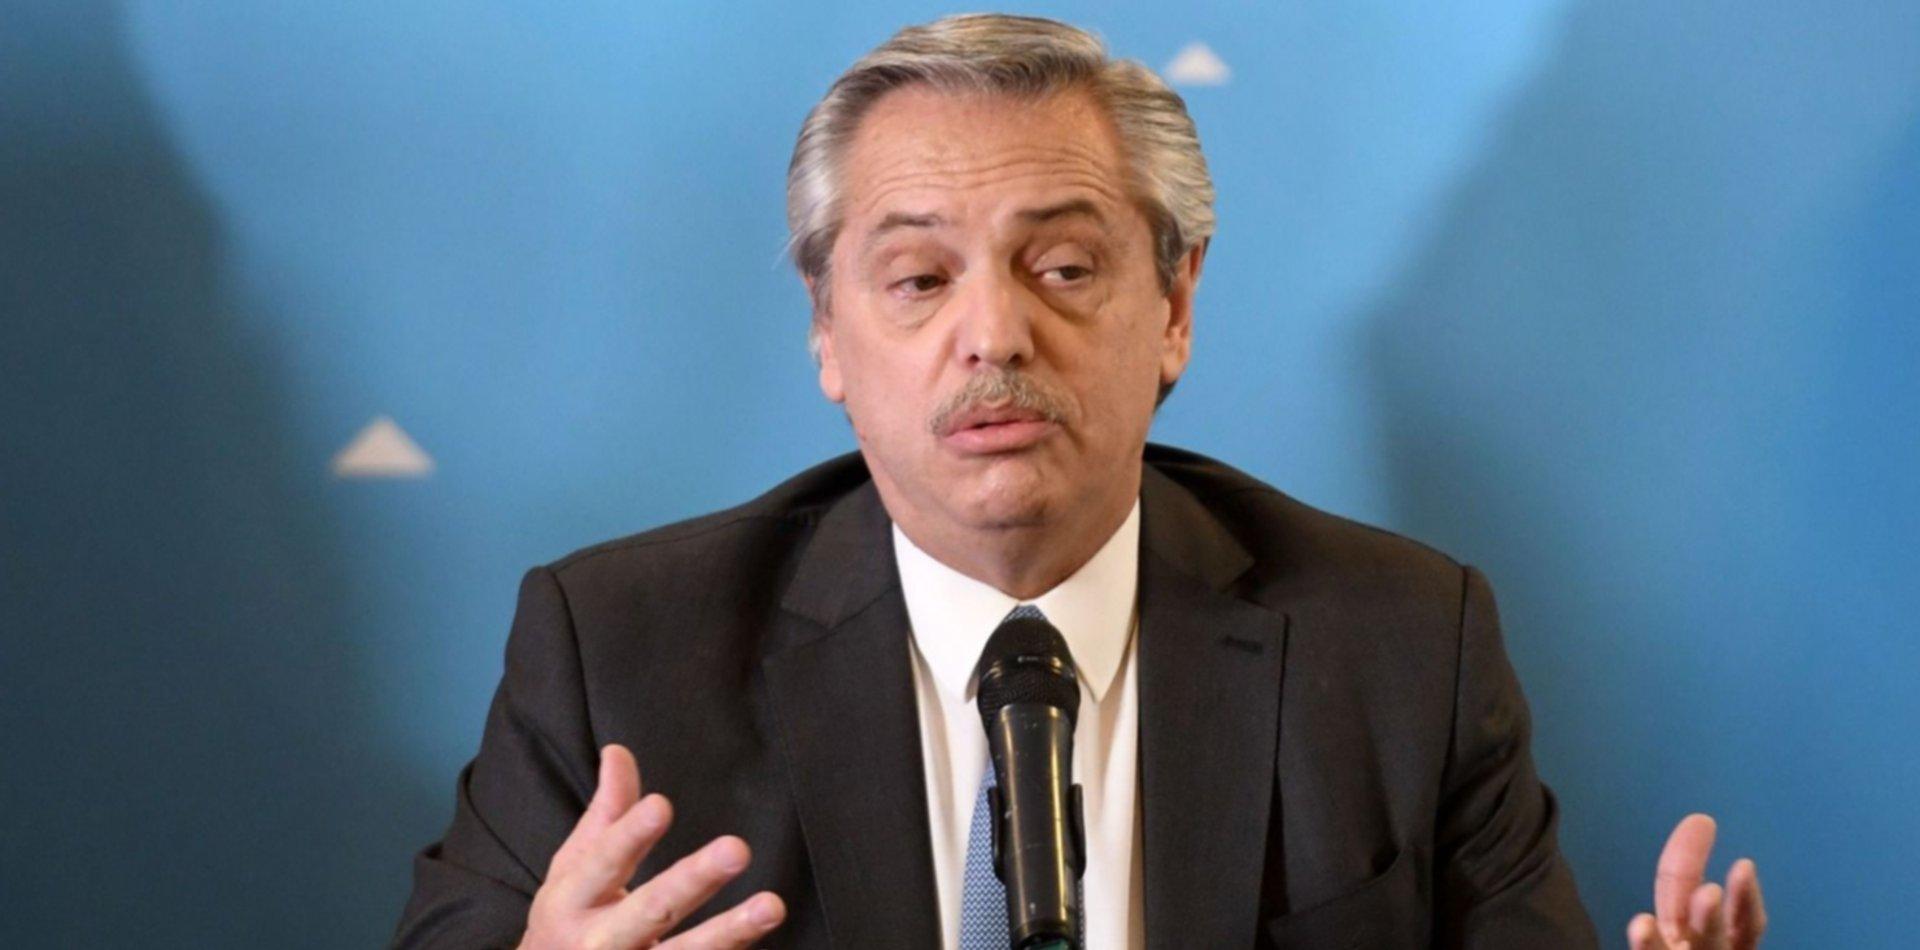 Alberto Fernández viaja a Israel en su primer viaje internacional como presidente